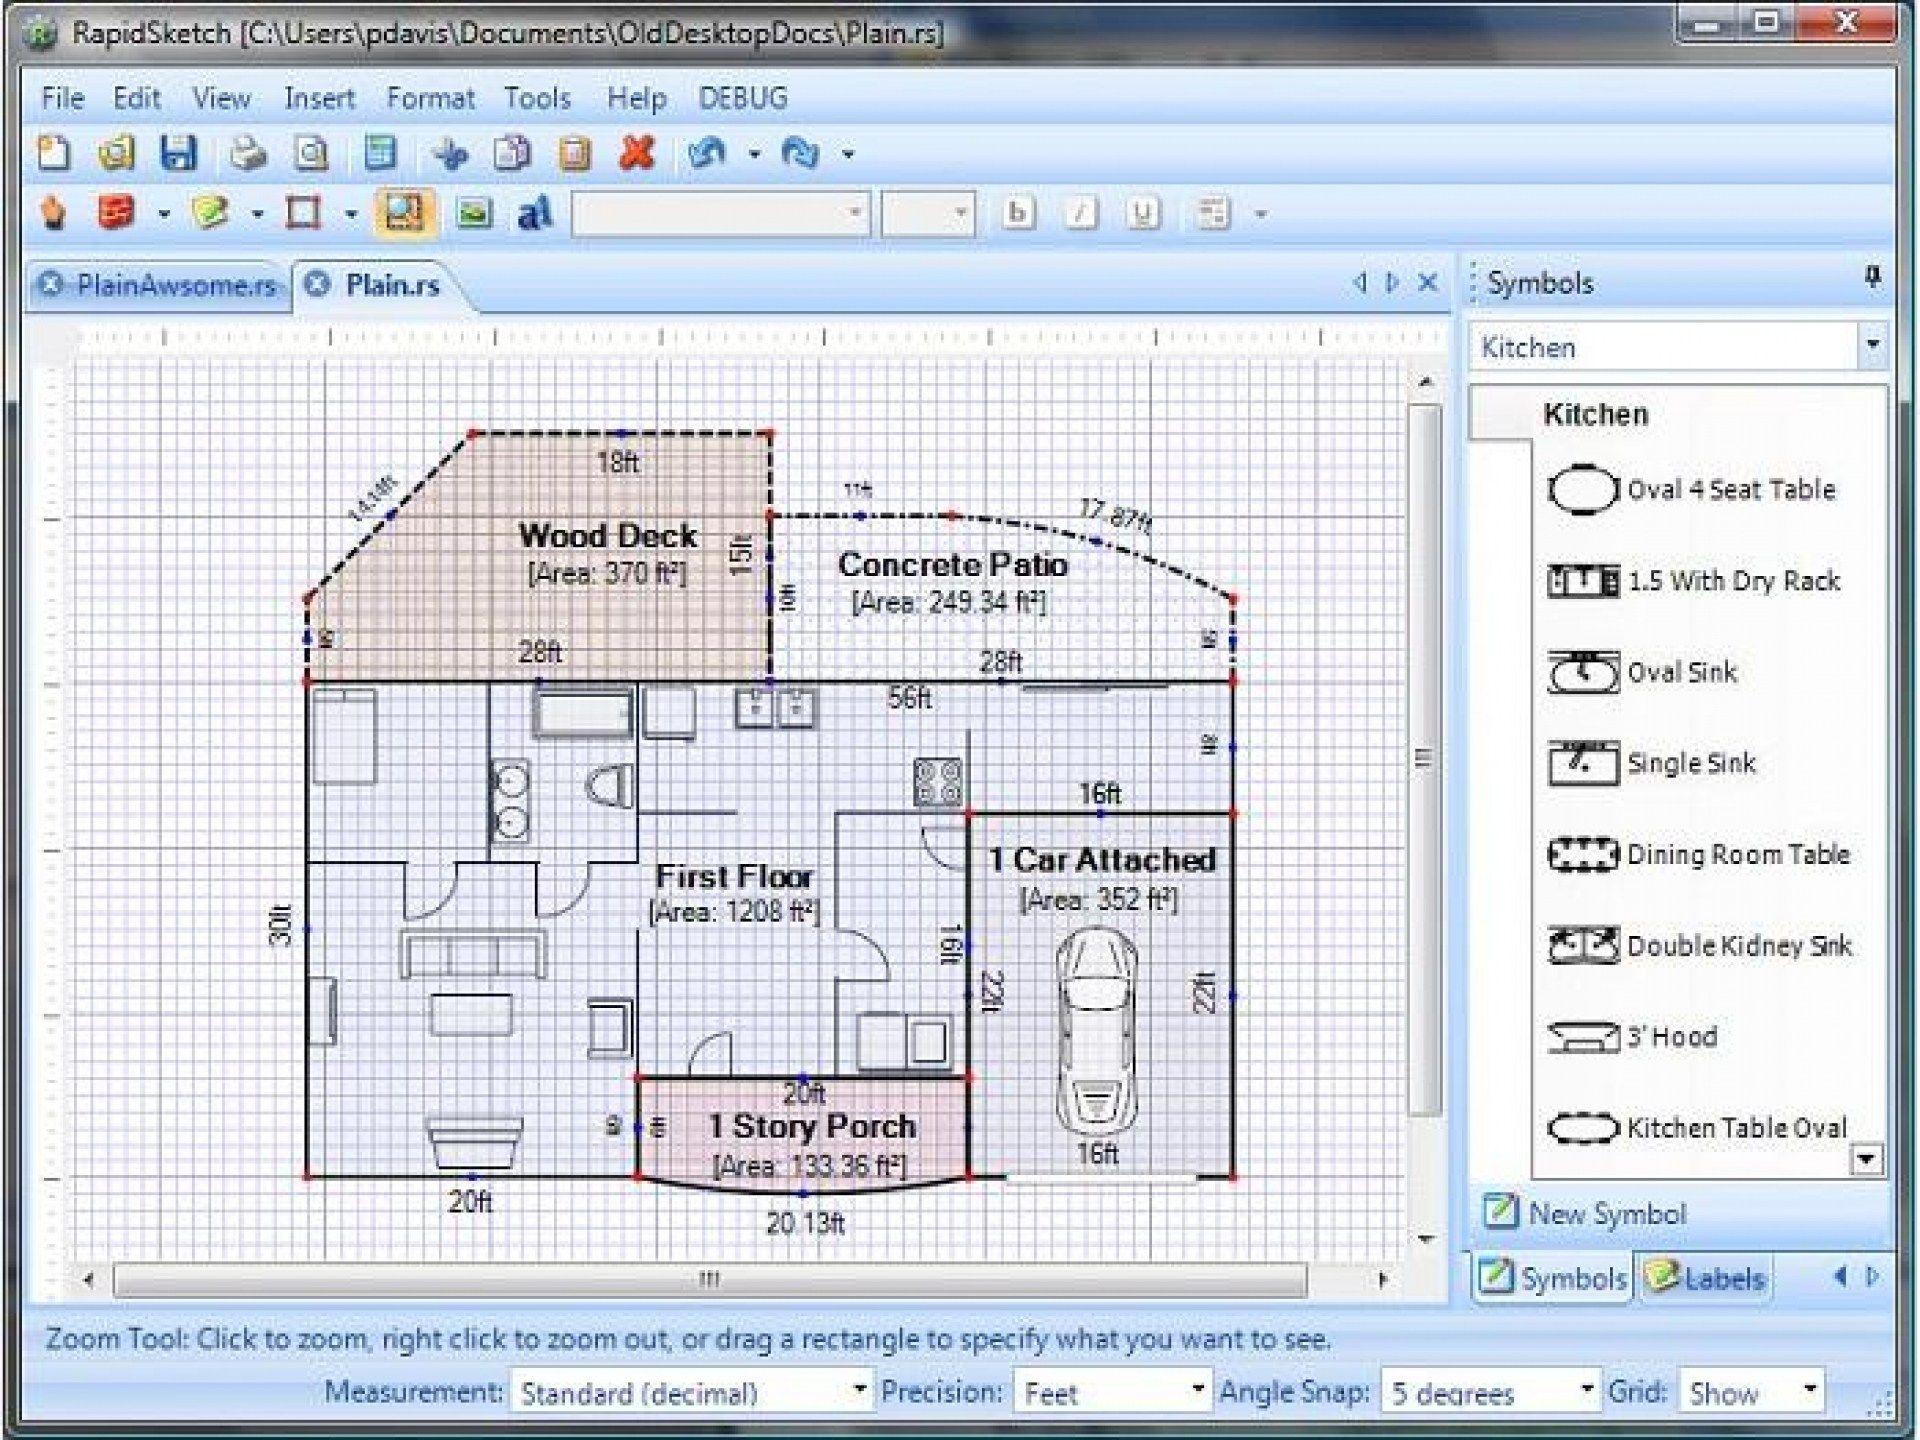 Floor Plans Barndominium Floor Plans Bedroom House Floor Plans Home Builder Floor Plans Divco Floor Plan Madrid Divco Custom Home Floor Kentucky Interior Mac